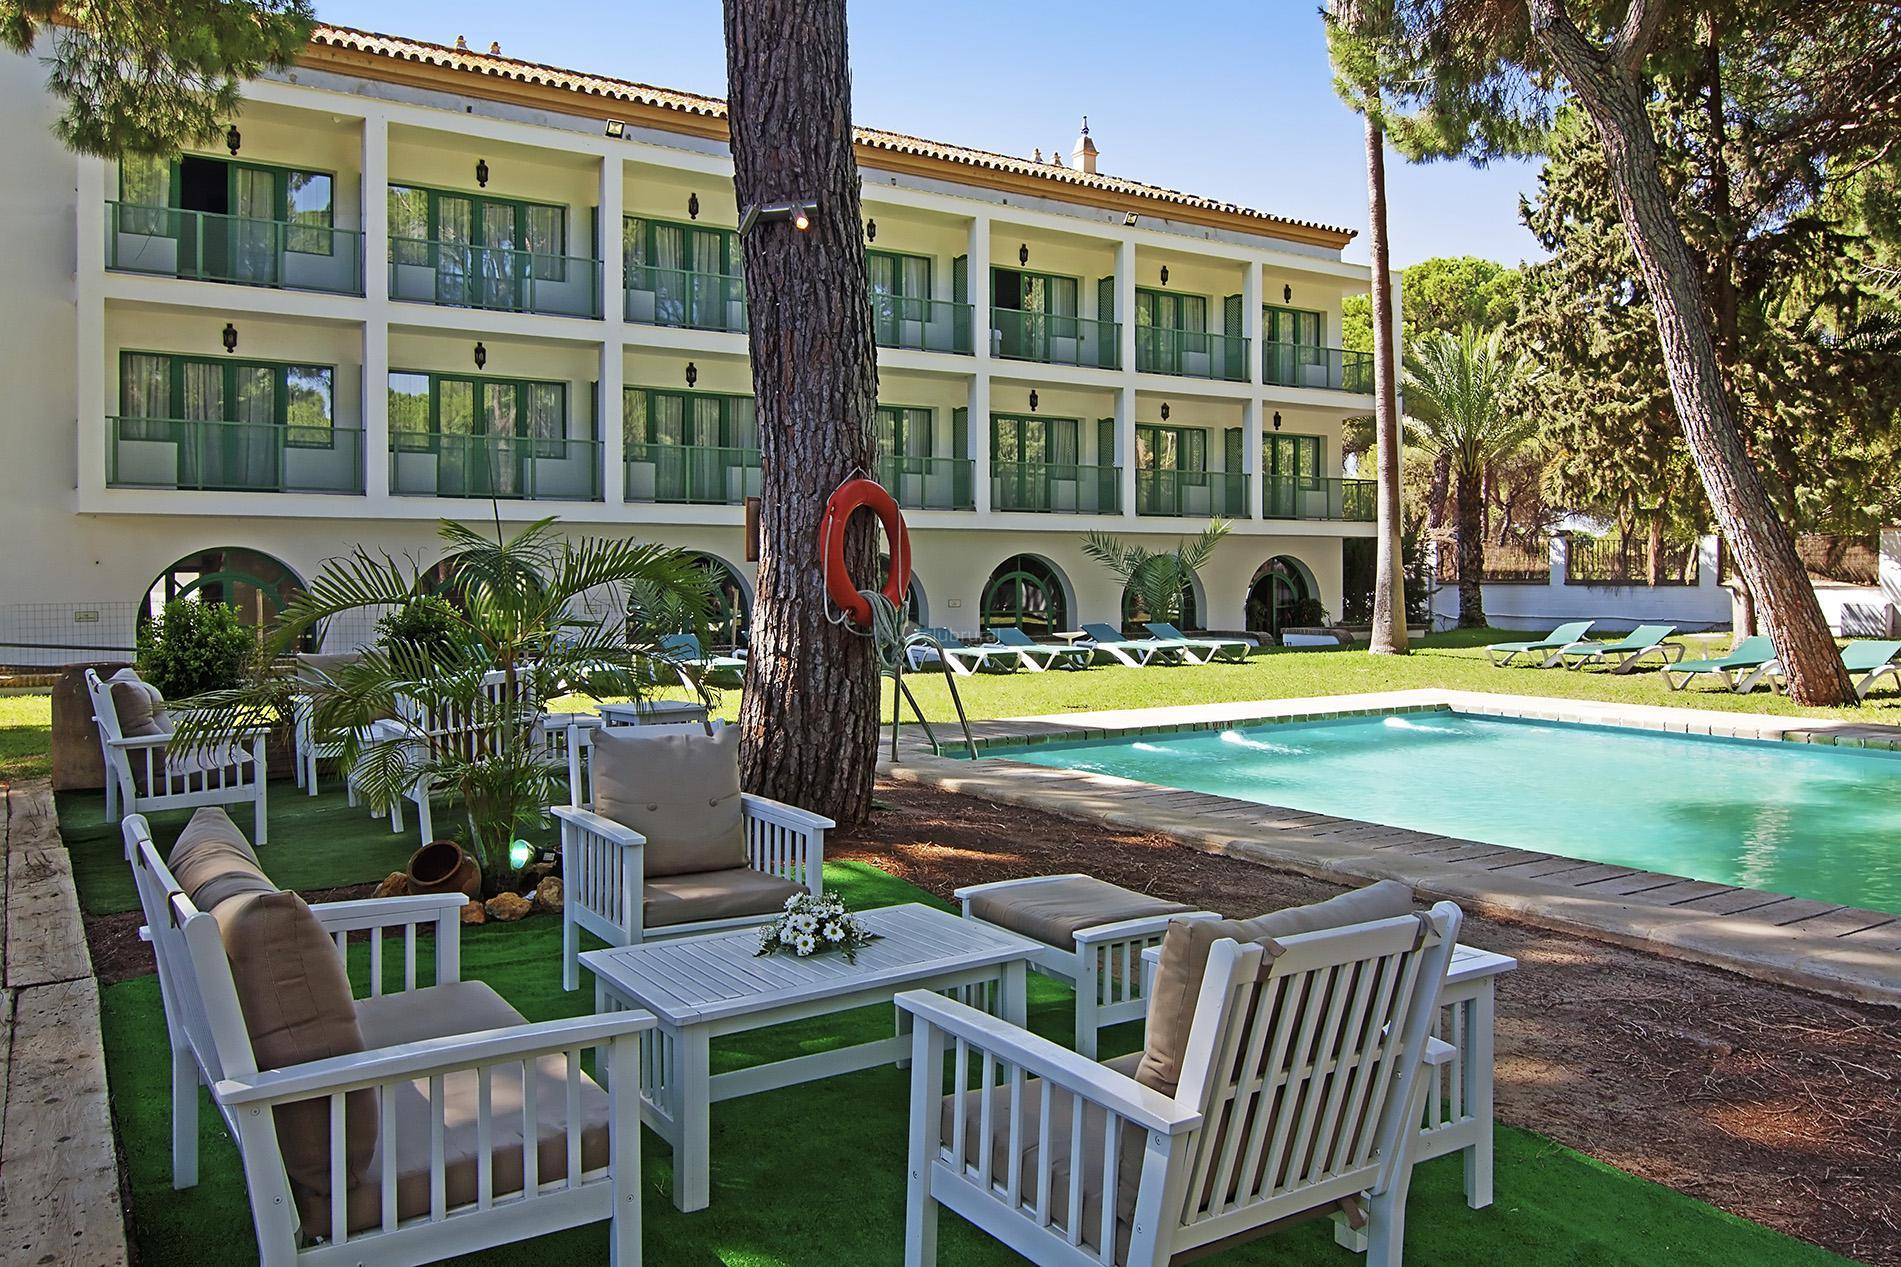 Fotos de hotel oromana sevilla alcala de guadaira for Piscina alcala de guadaira